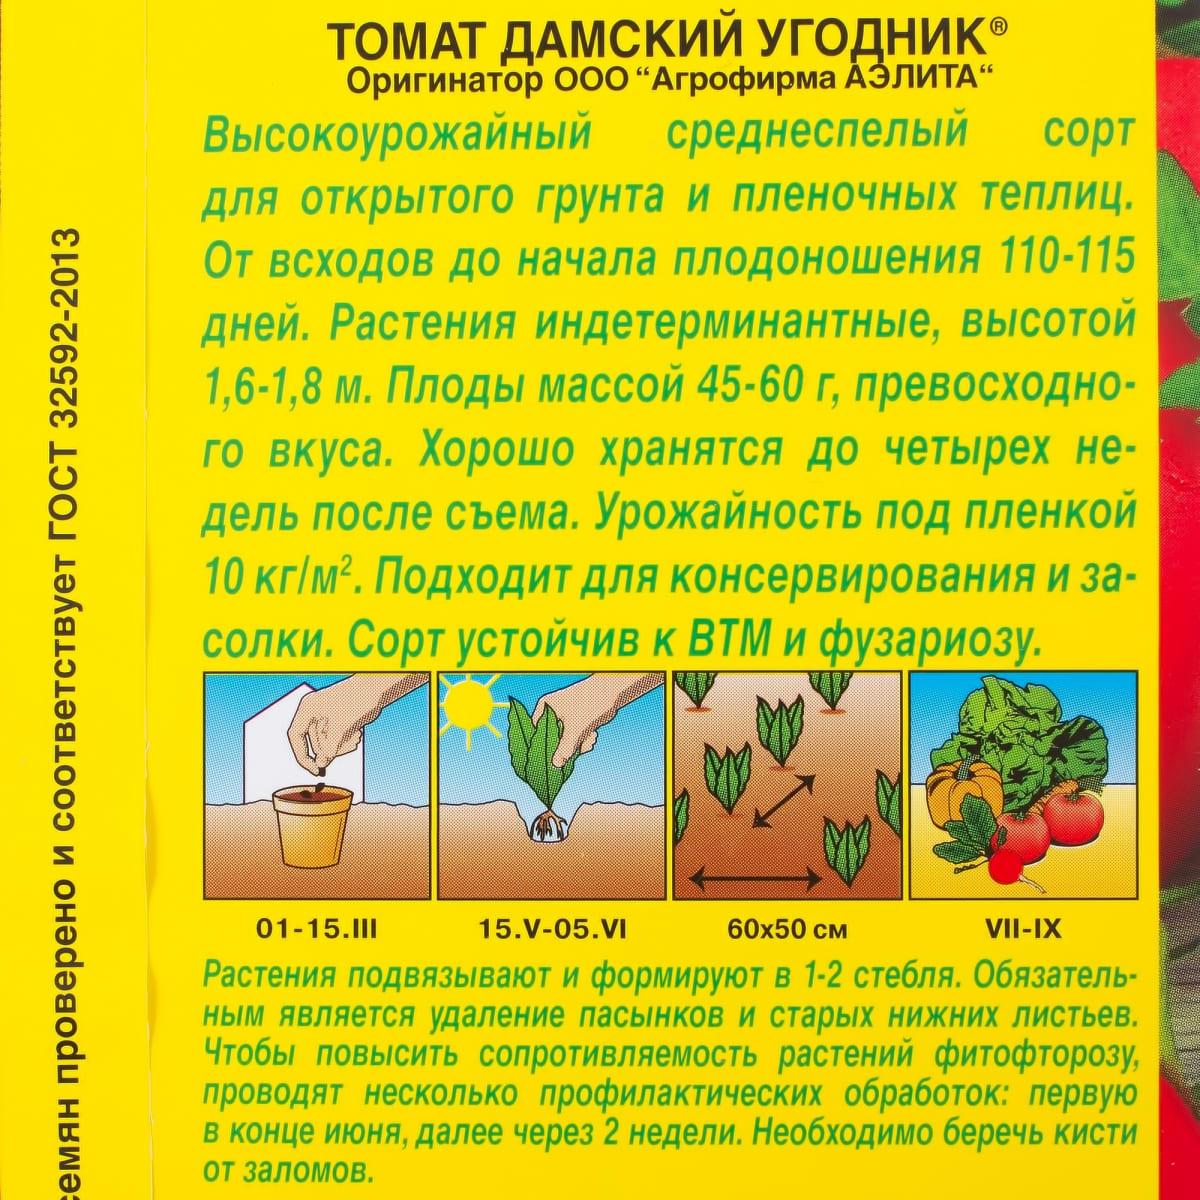 веселой четверки томат дамский угодник отзывы и фото состоит